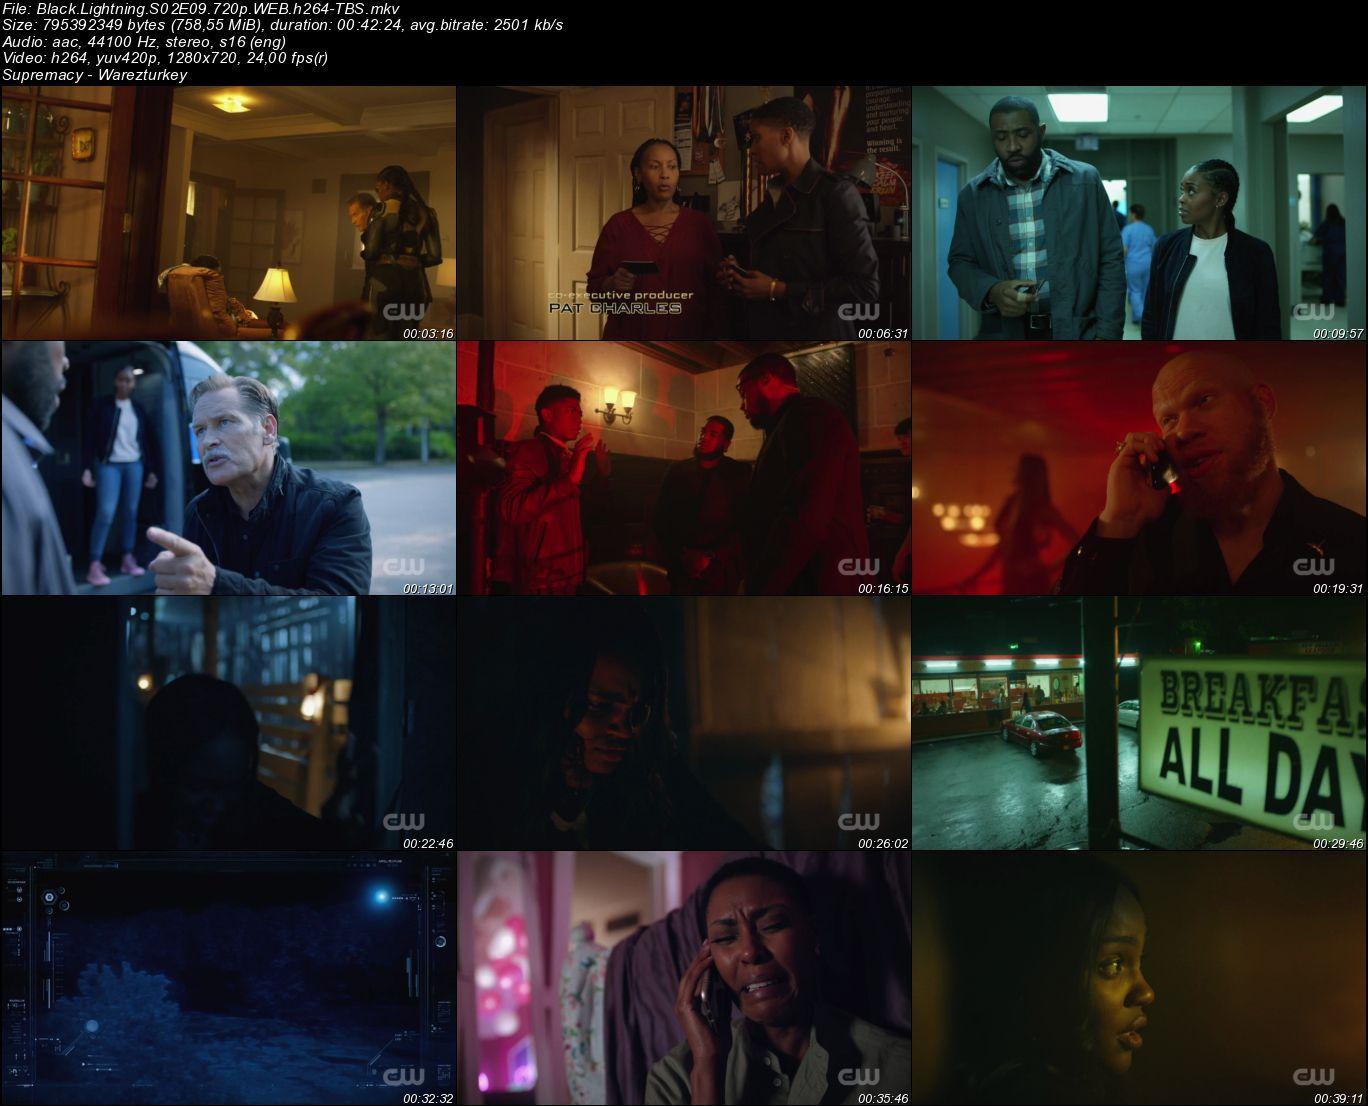 Black Lightning - Sezon 2 - 720p HDTV - Türkçe Altyazılı